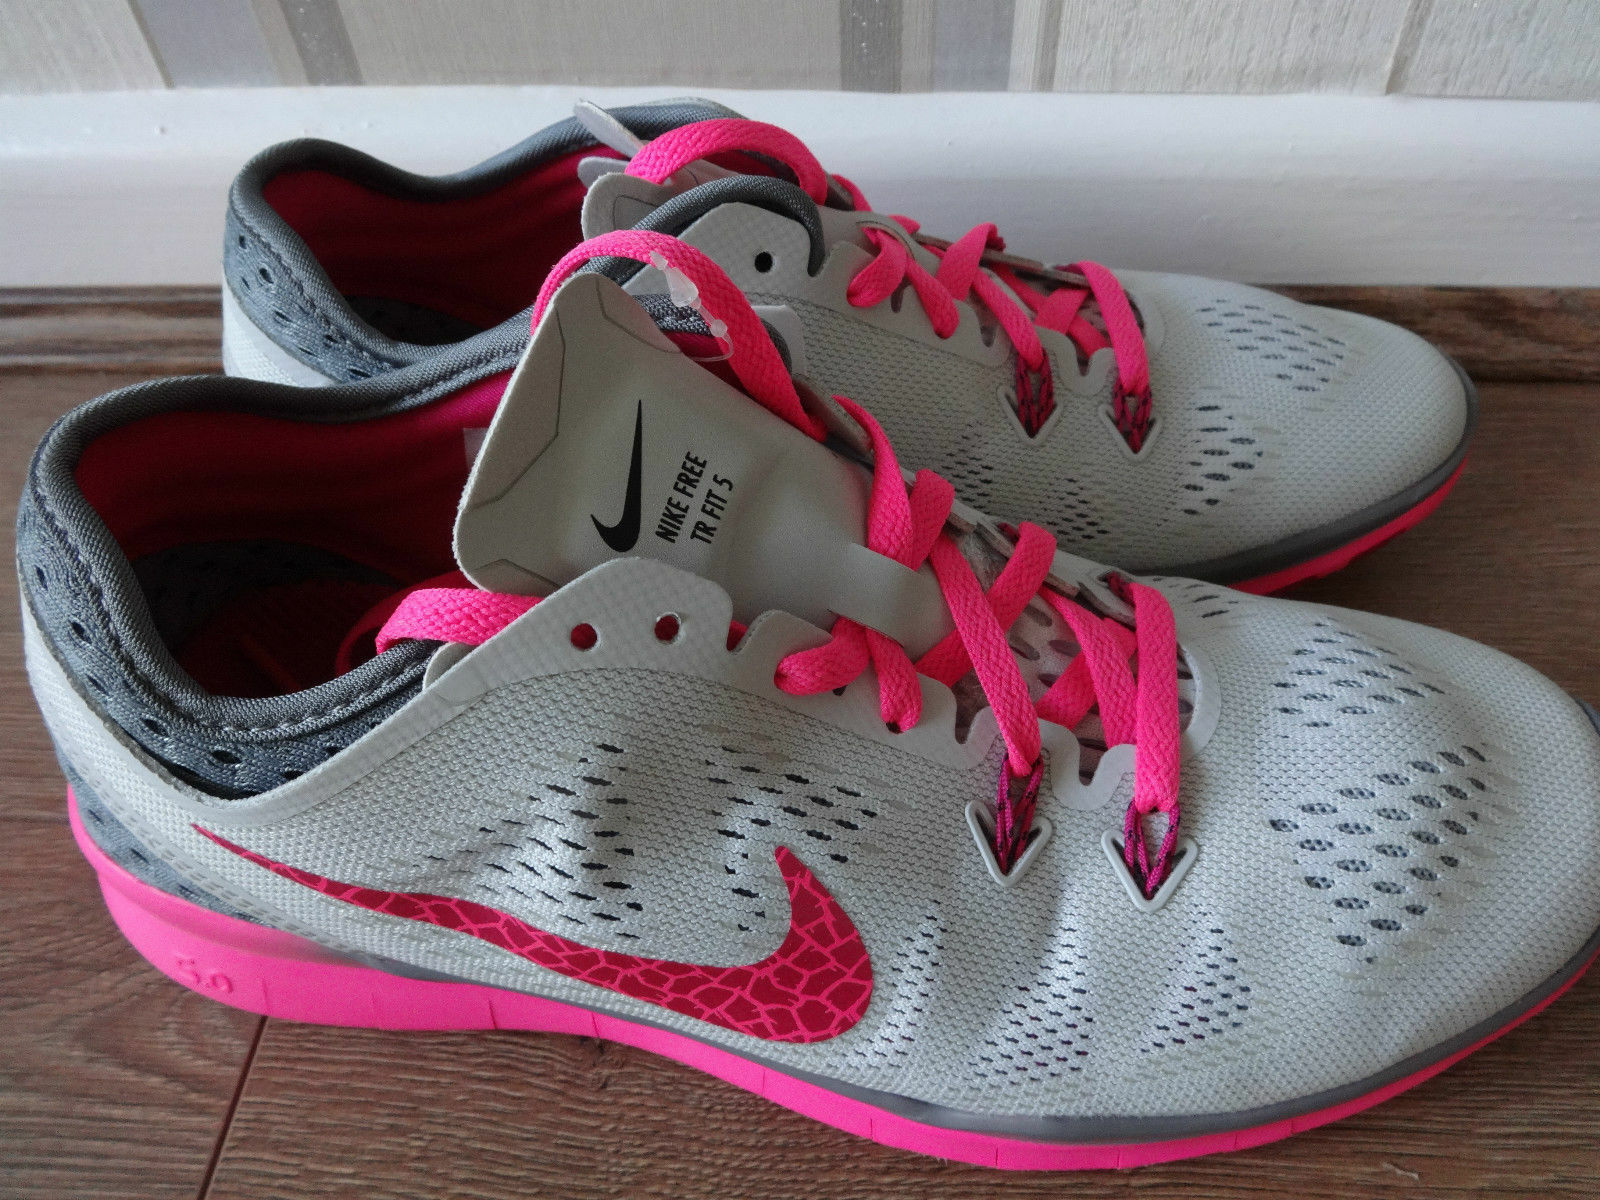 NEU Nike free 5.0 TR 40 breathe Damen Lauf-Schuhe Grau Pink 718932 Gr. 40 TR NP:119,-€ 075a52